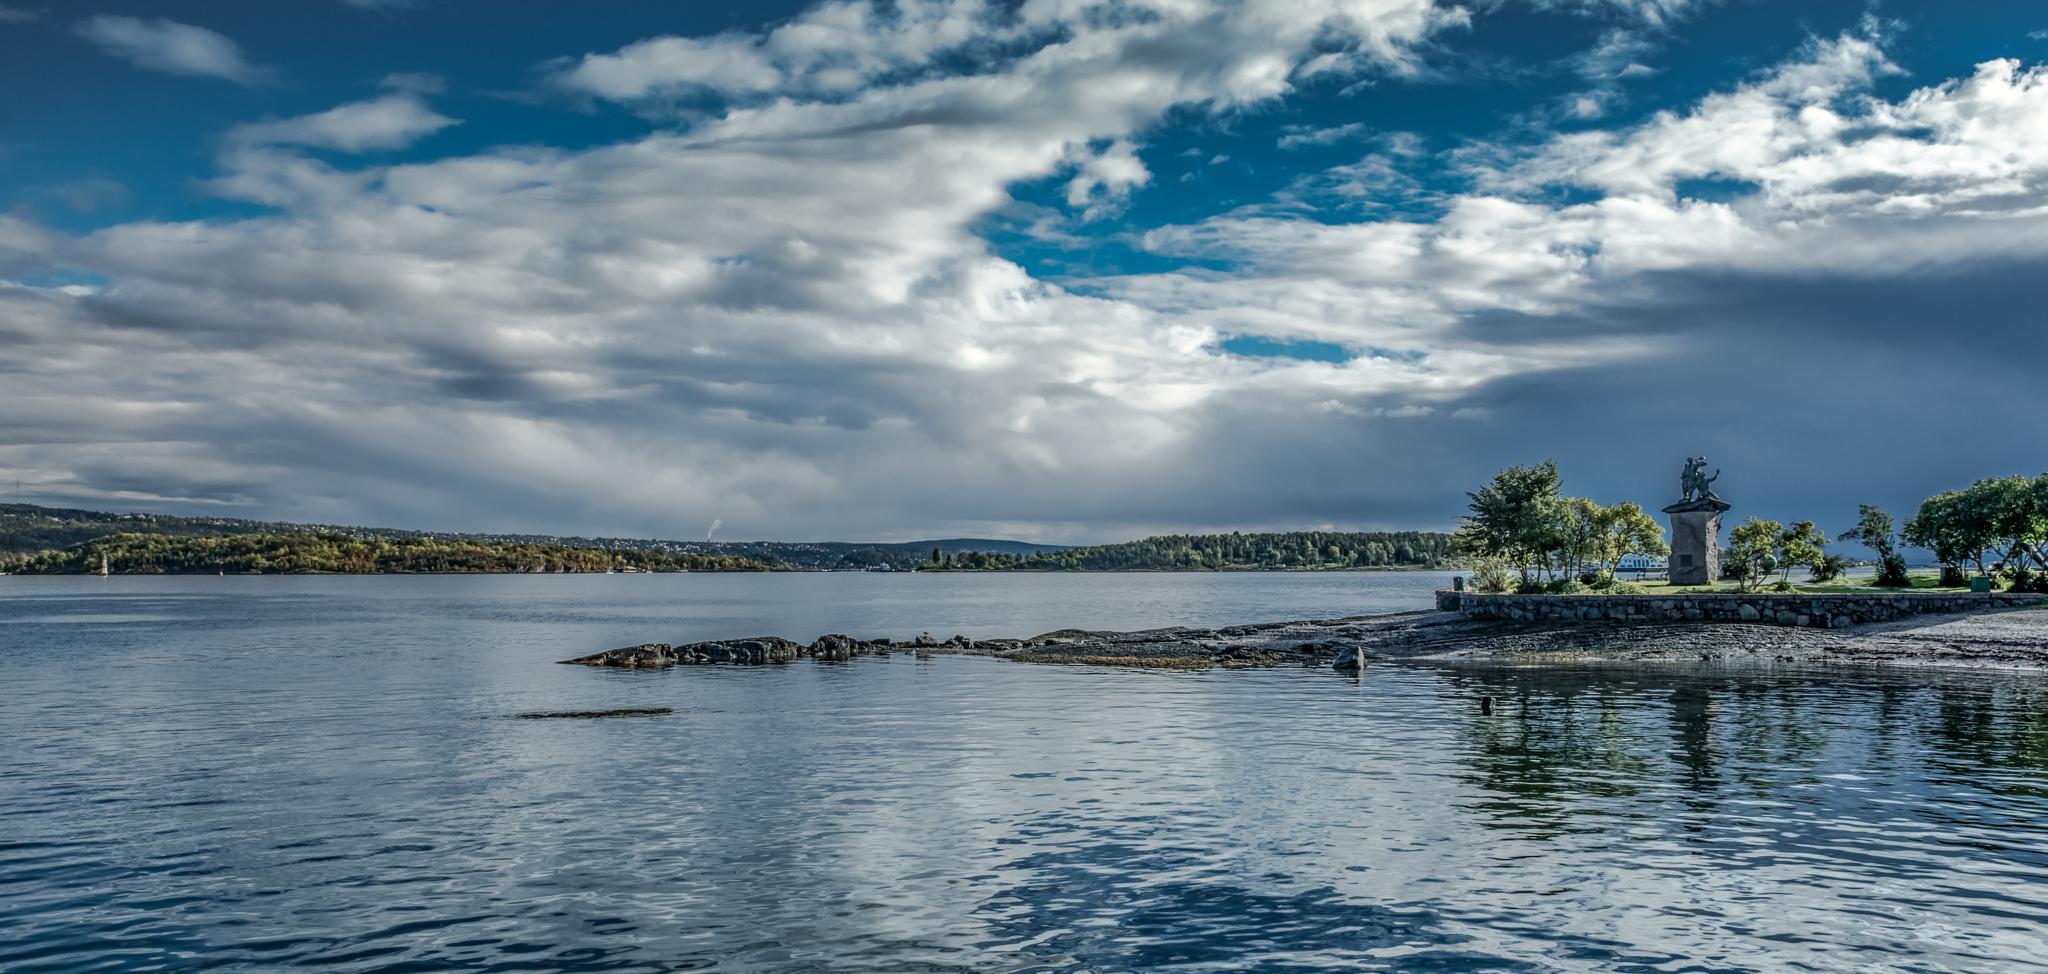 Oslo - Fjord Landscape by Jens Walter